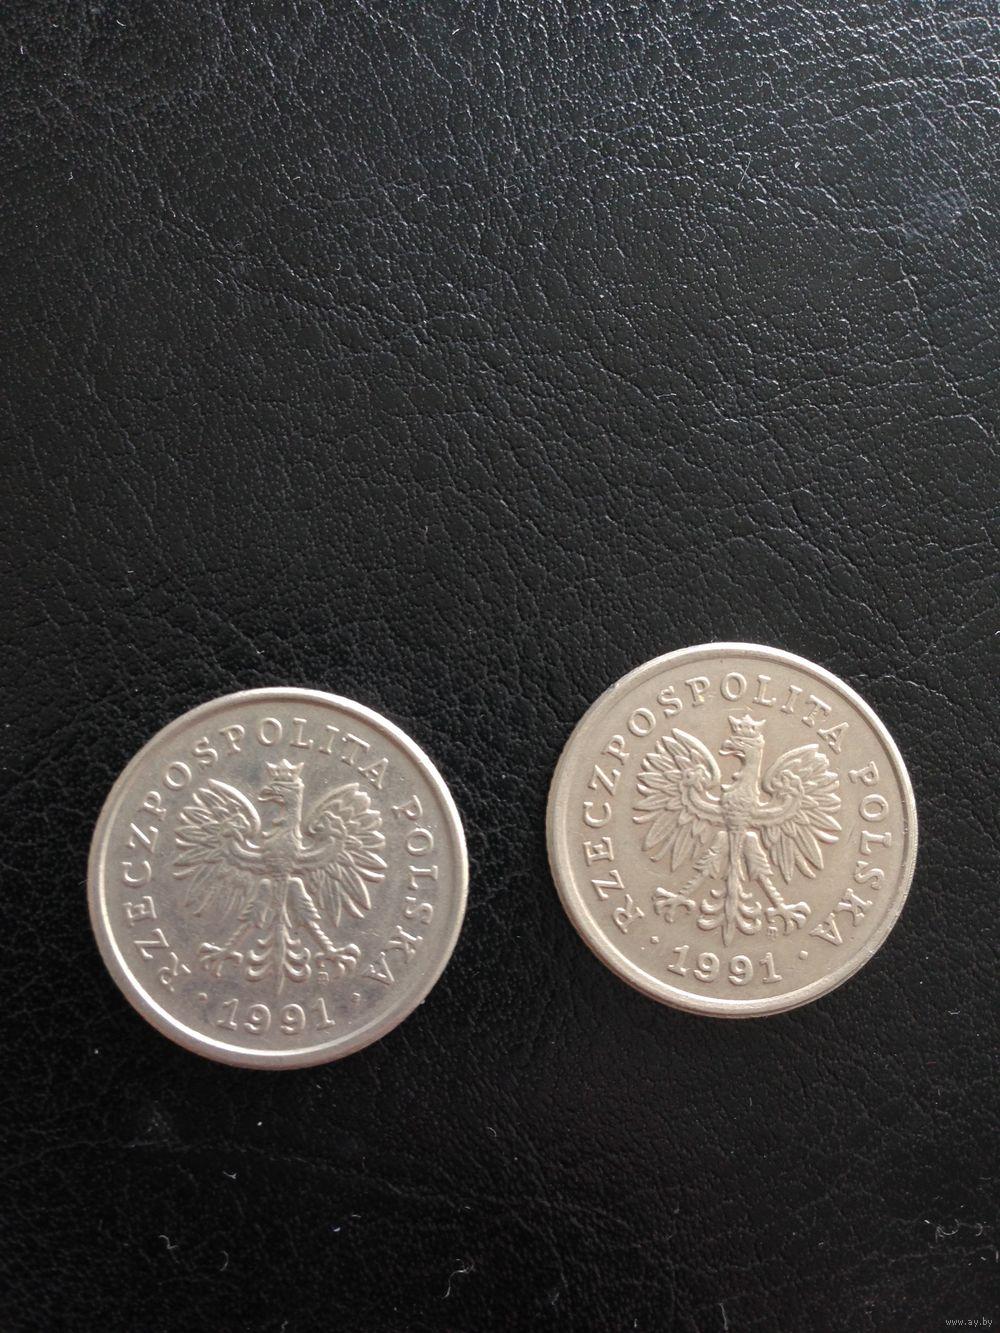 50 groszy 1991 цена в рублях 100 у е в белорусских рублях